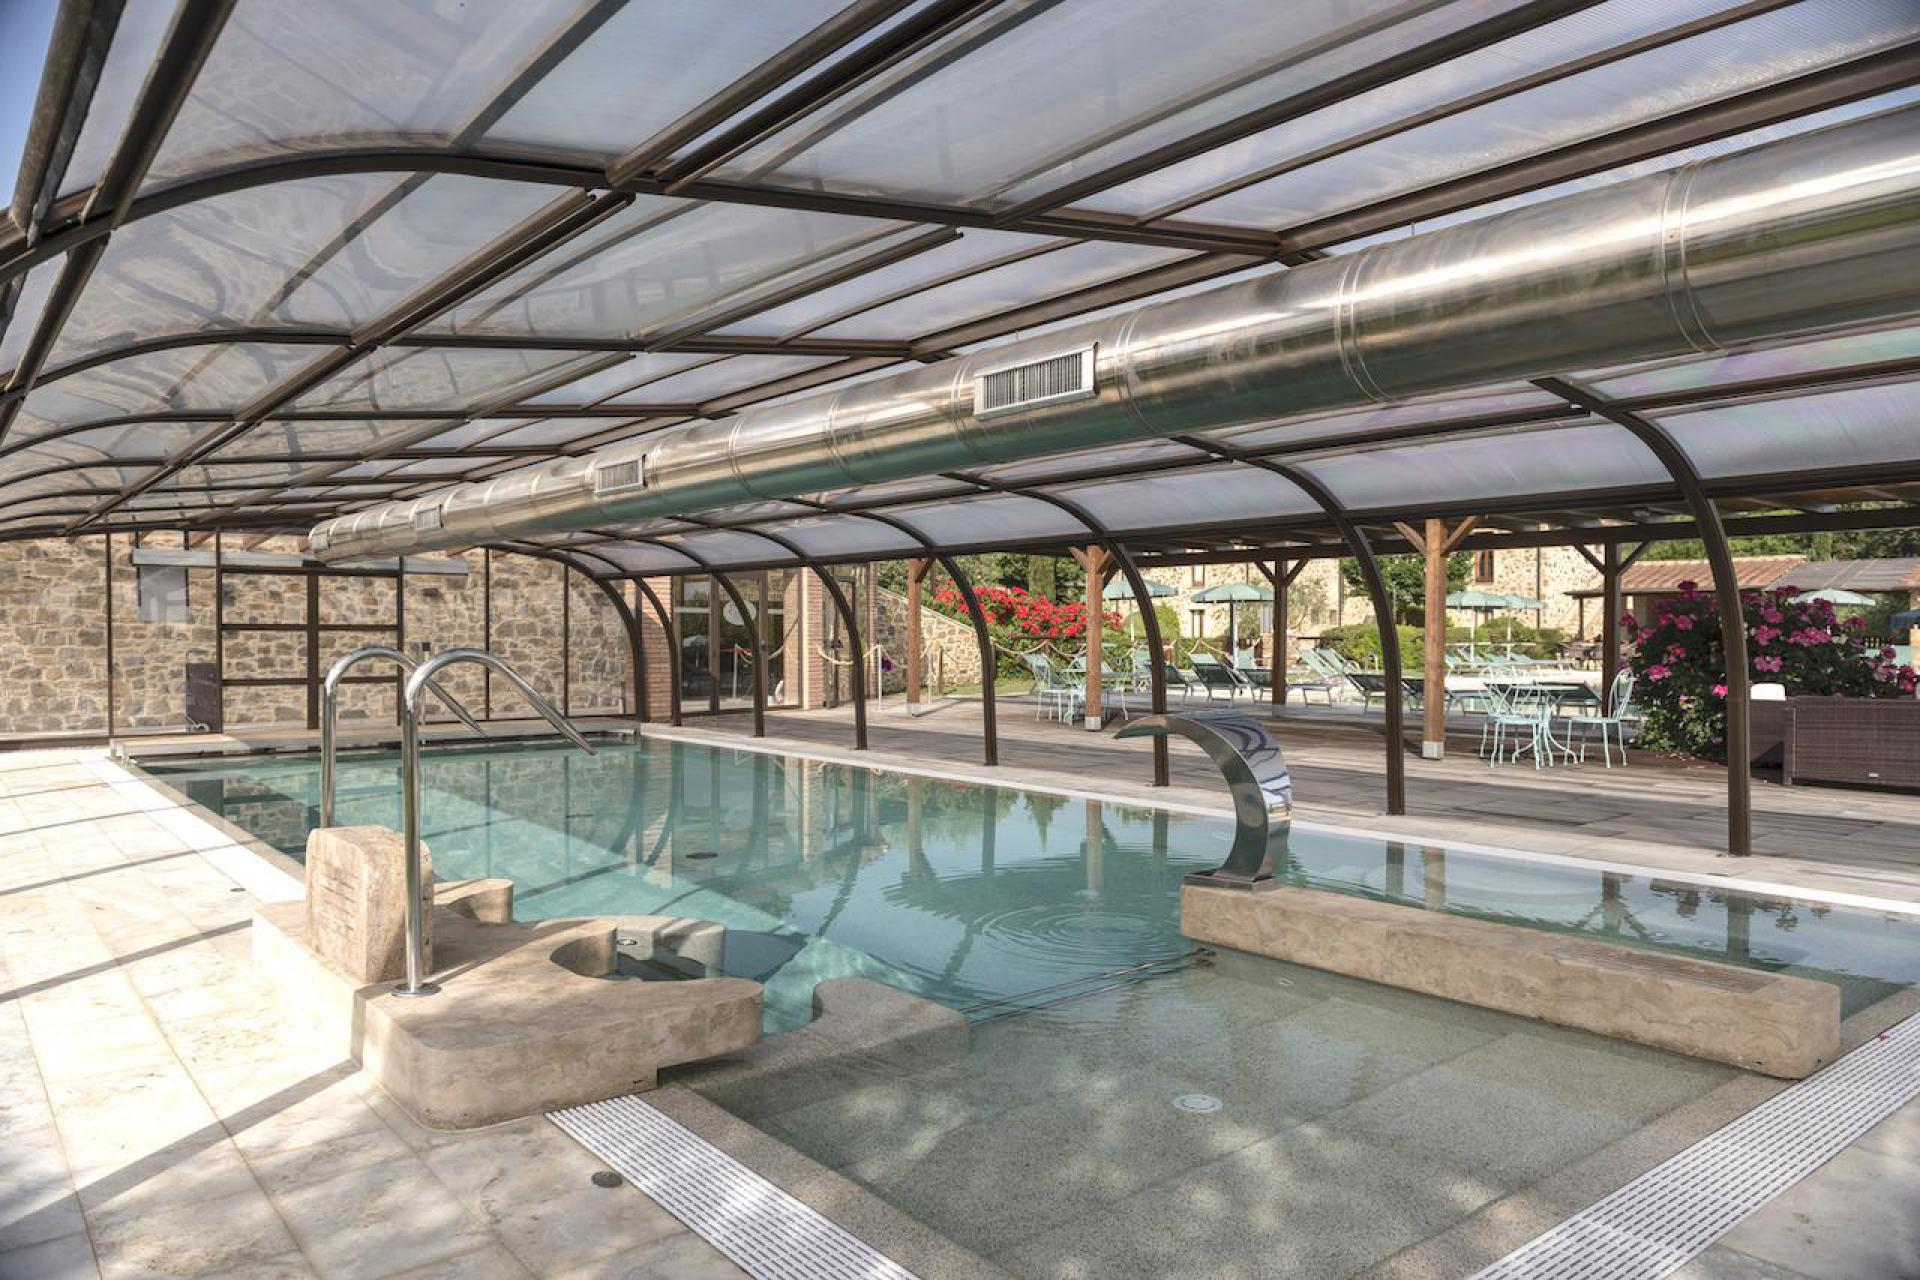 Agriturismo Toscane Kindvriendelijk resort in Toscane met groot zwembad